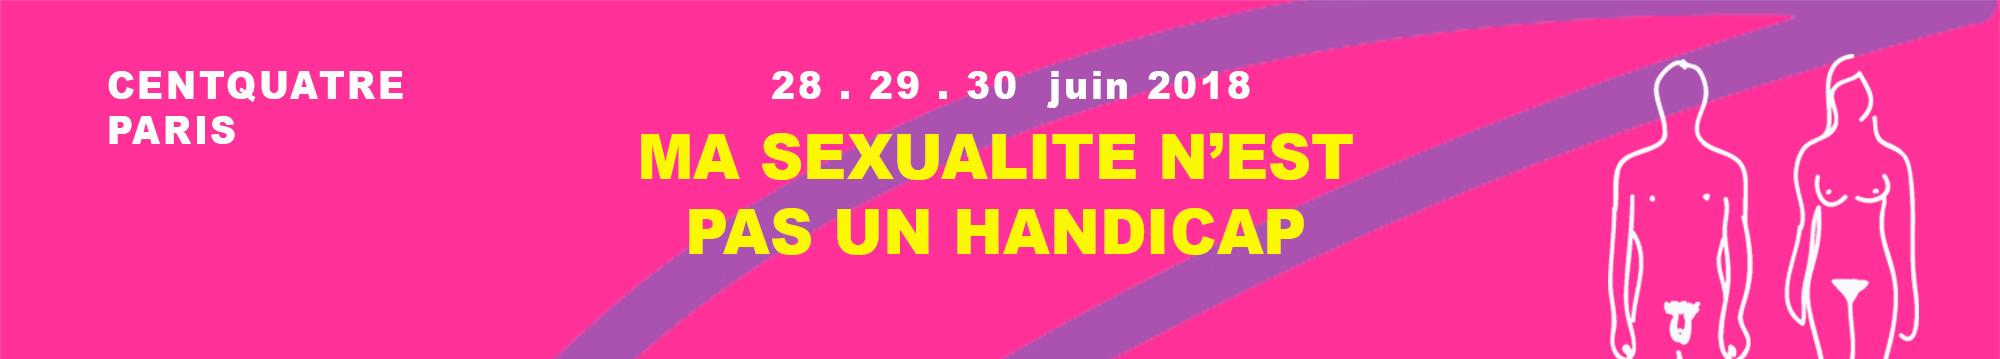 """Festival """"Ma sexualité n'est pas un handicap"""", du 28 au 30 juin au 104, Paris 19e"""